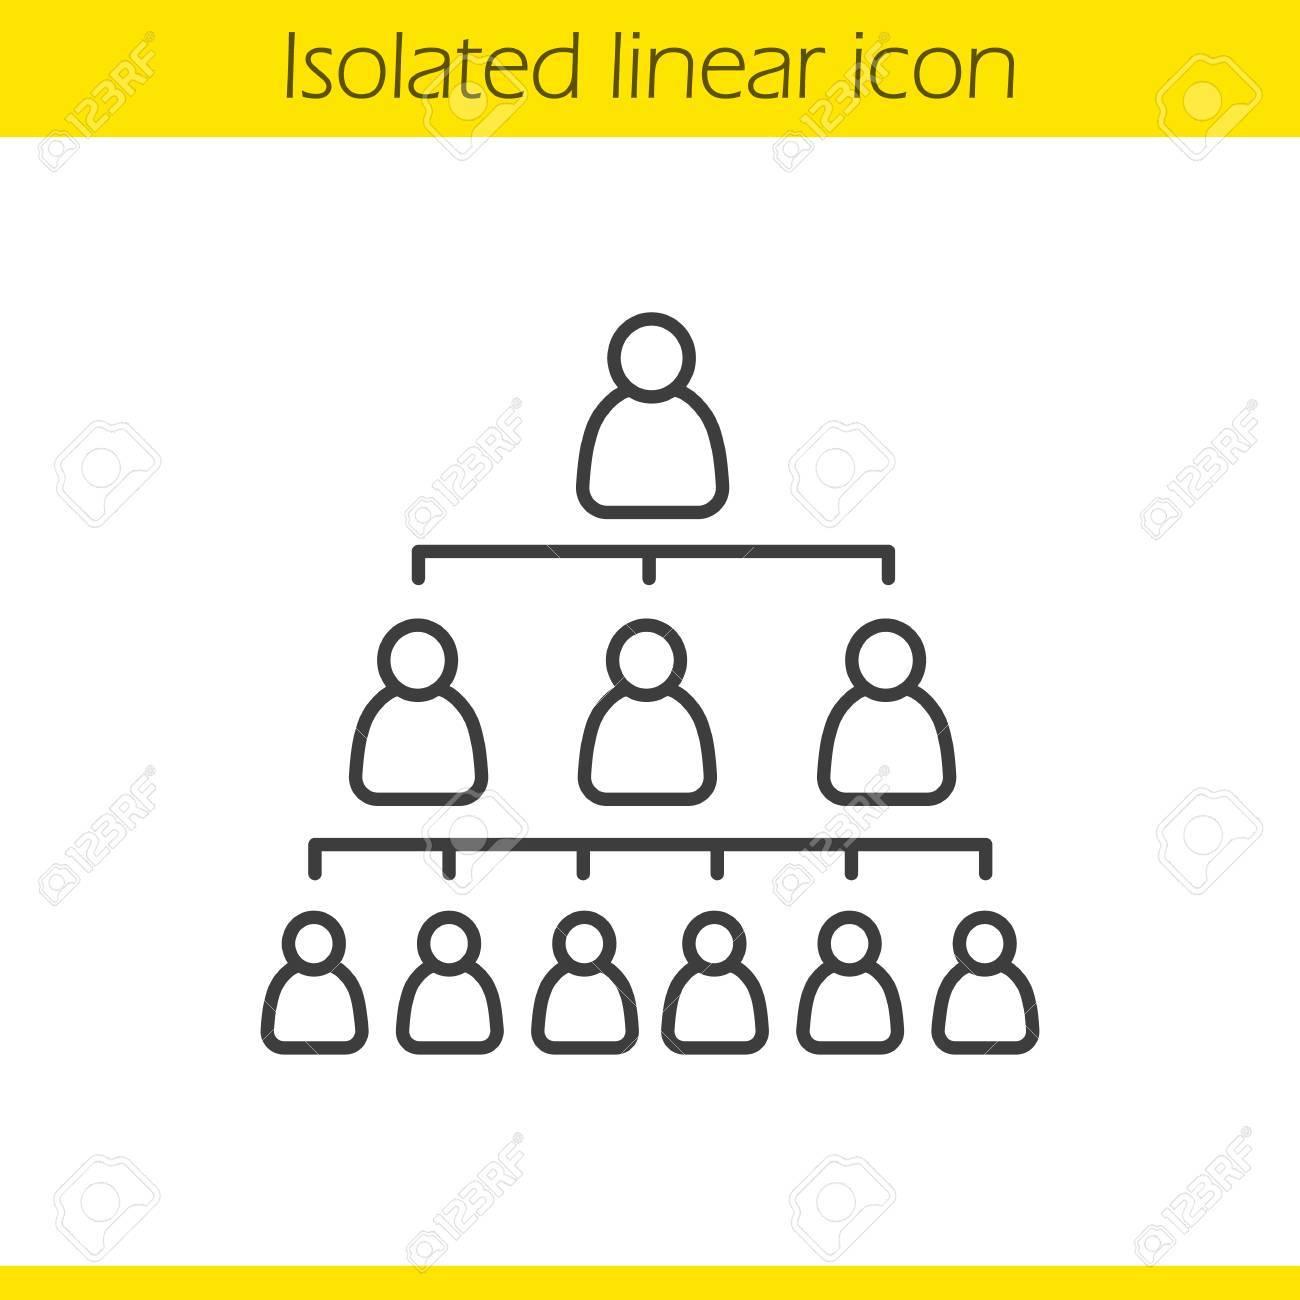 Icono Lineal Del Concepto De Jerarquía De La Empresa Ilustración De Línea Delgada De Liderazgo Símbolo De Contorno De La Estructura Organizacional